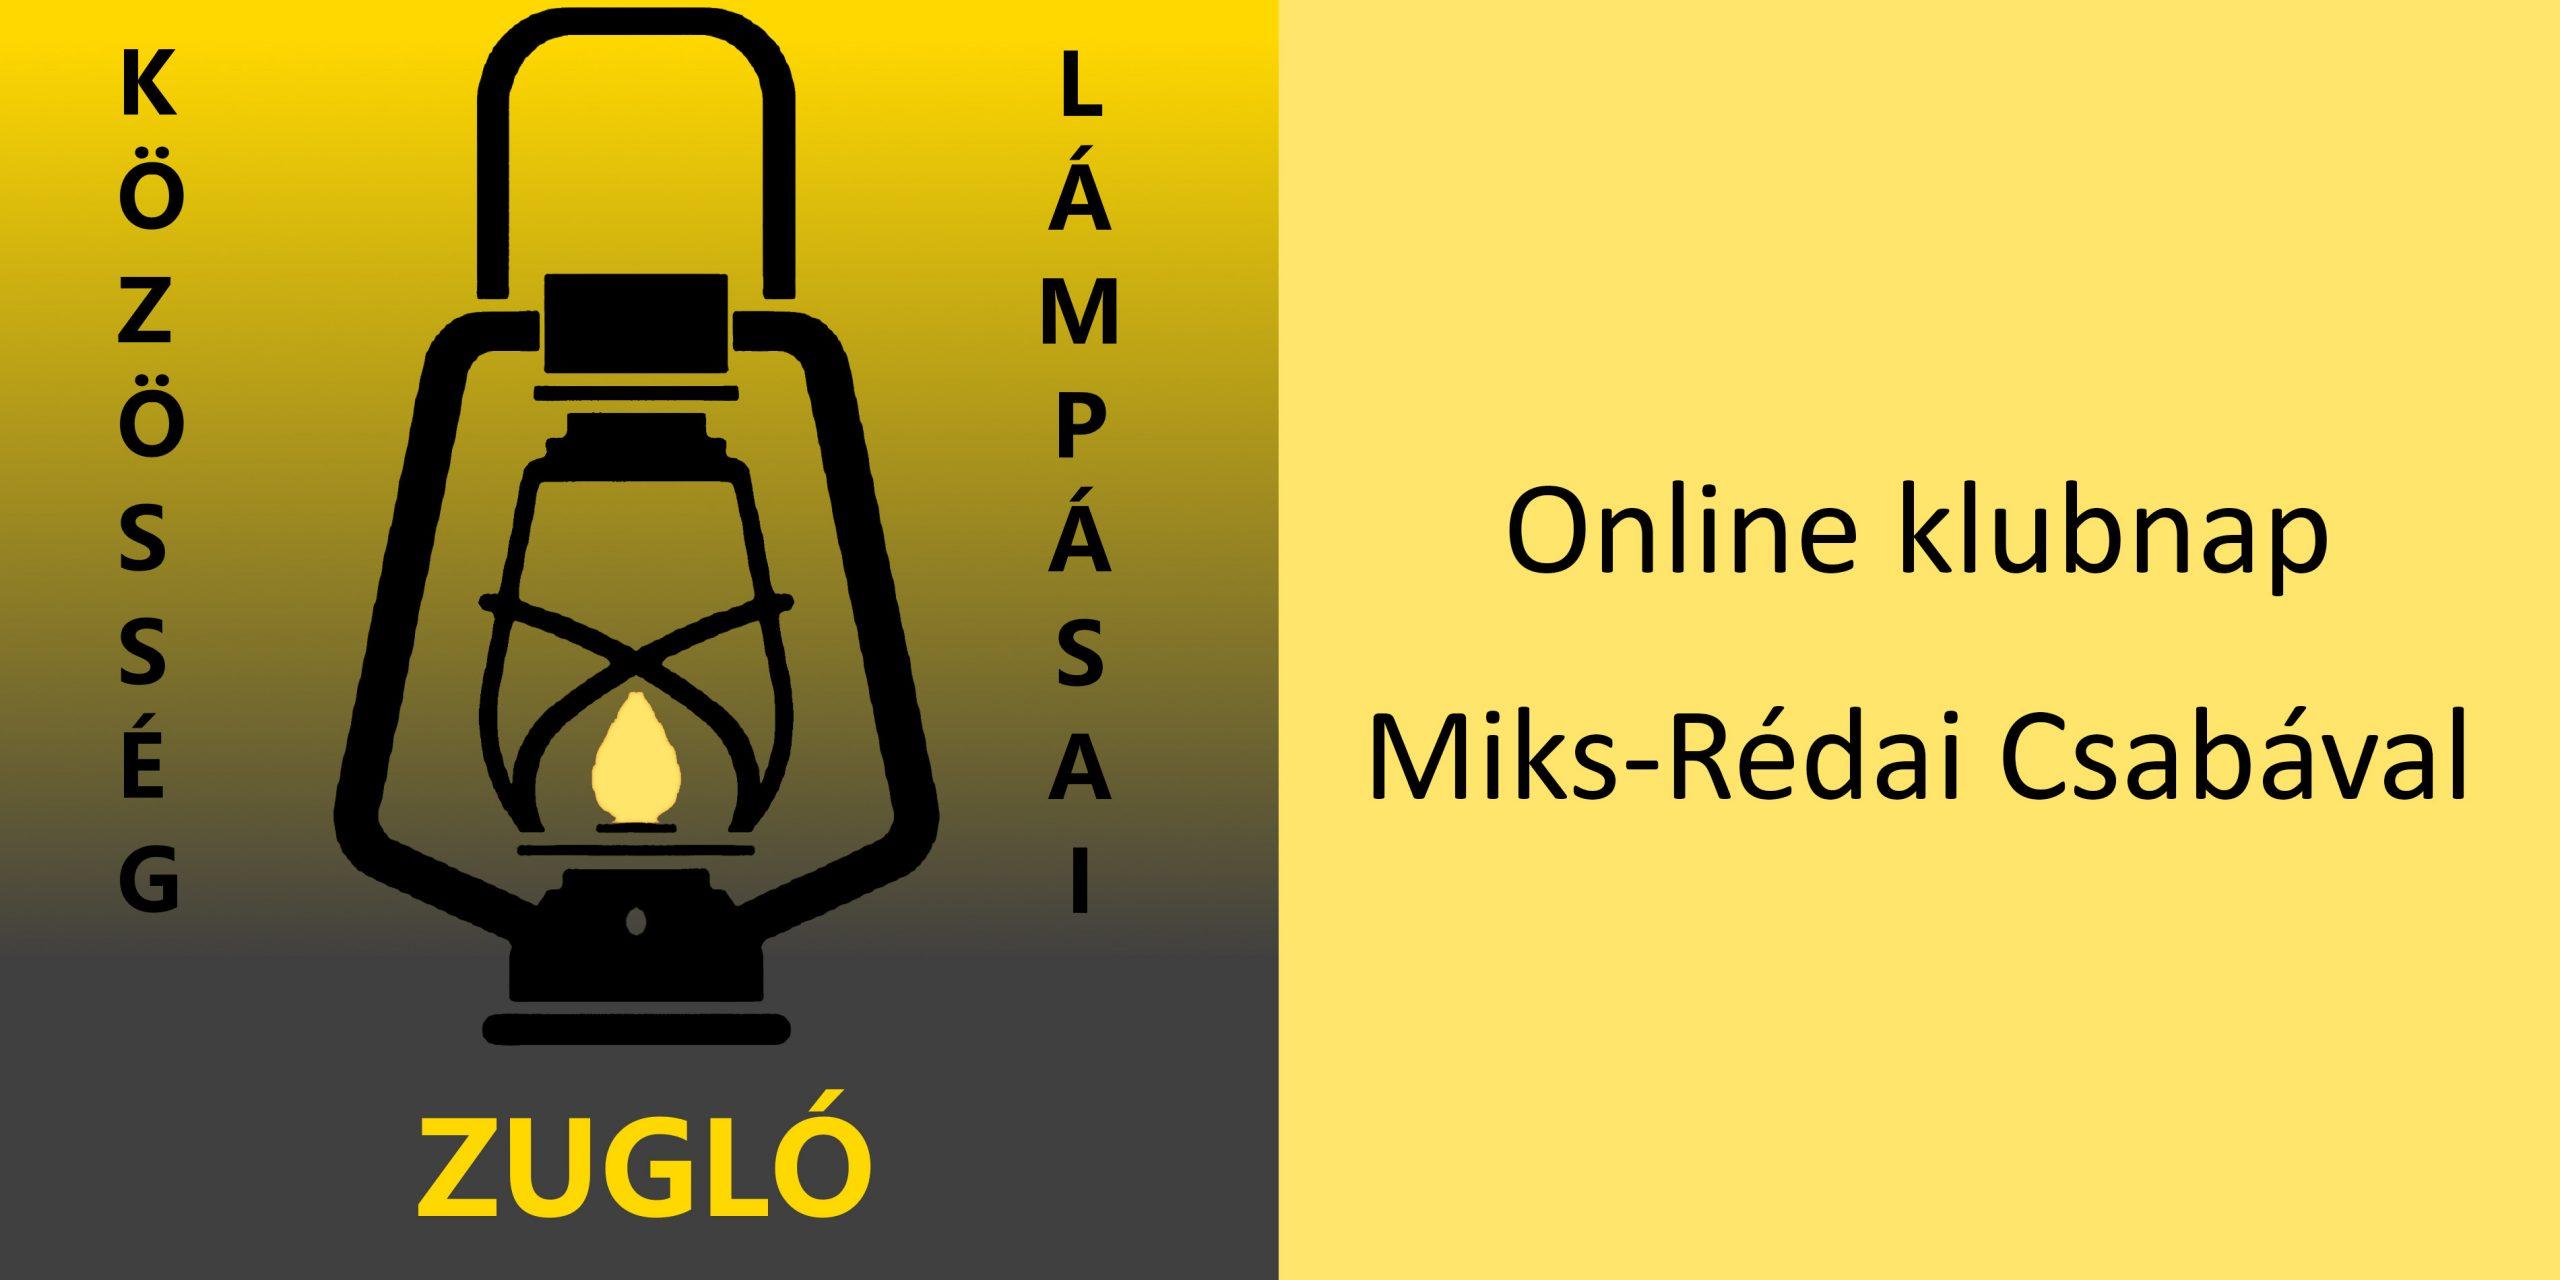 A fotó jobb oldalán sárga alapon fekete betűkkel a hír címe olvasható, a bal oldalon a zuglói Lámpás Klub logója látszik.